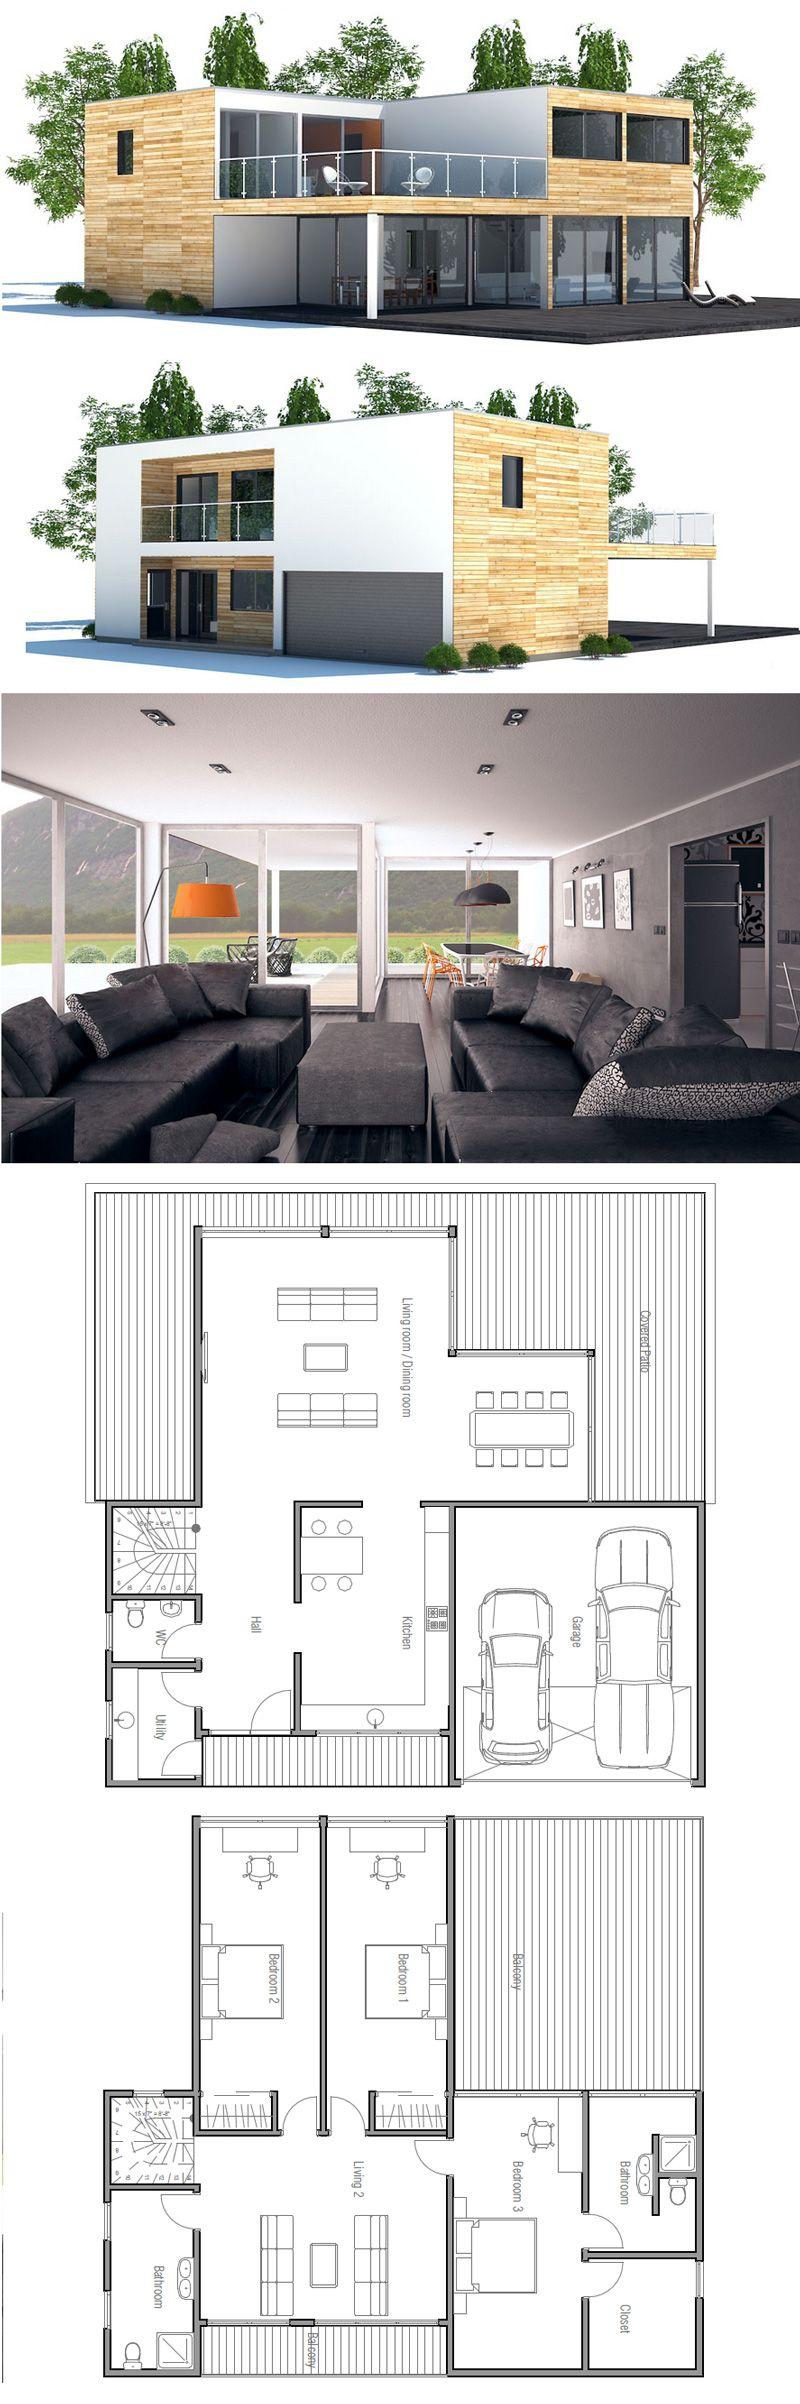 Casa 2 plantas planta baja concocina independiente for Minimalist container house